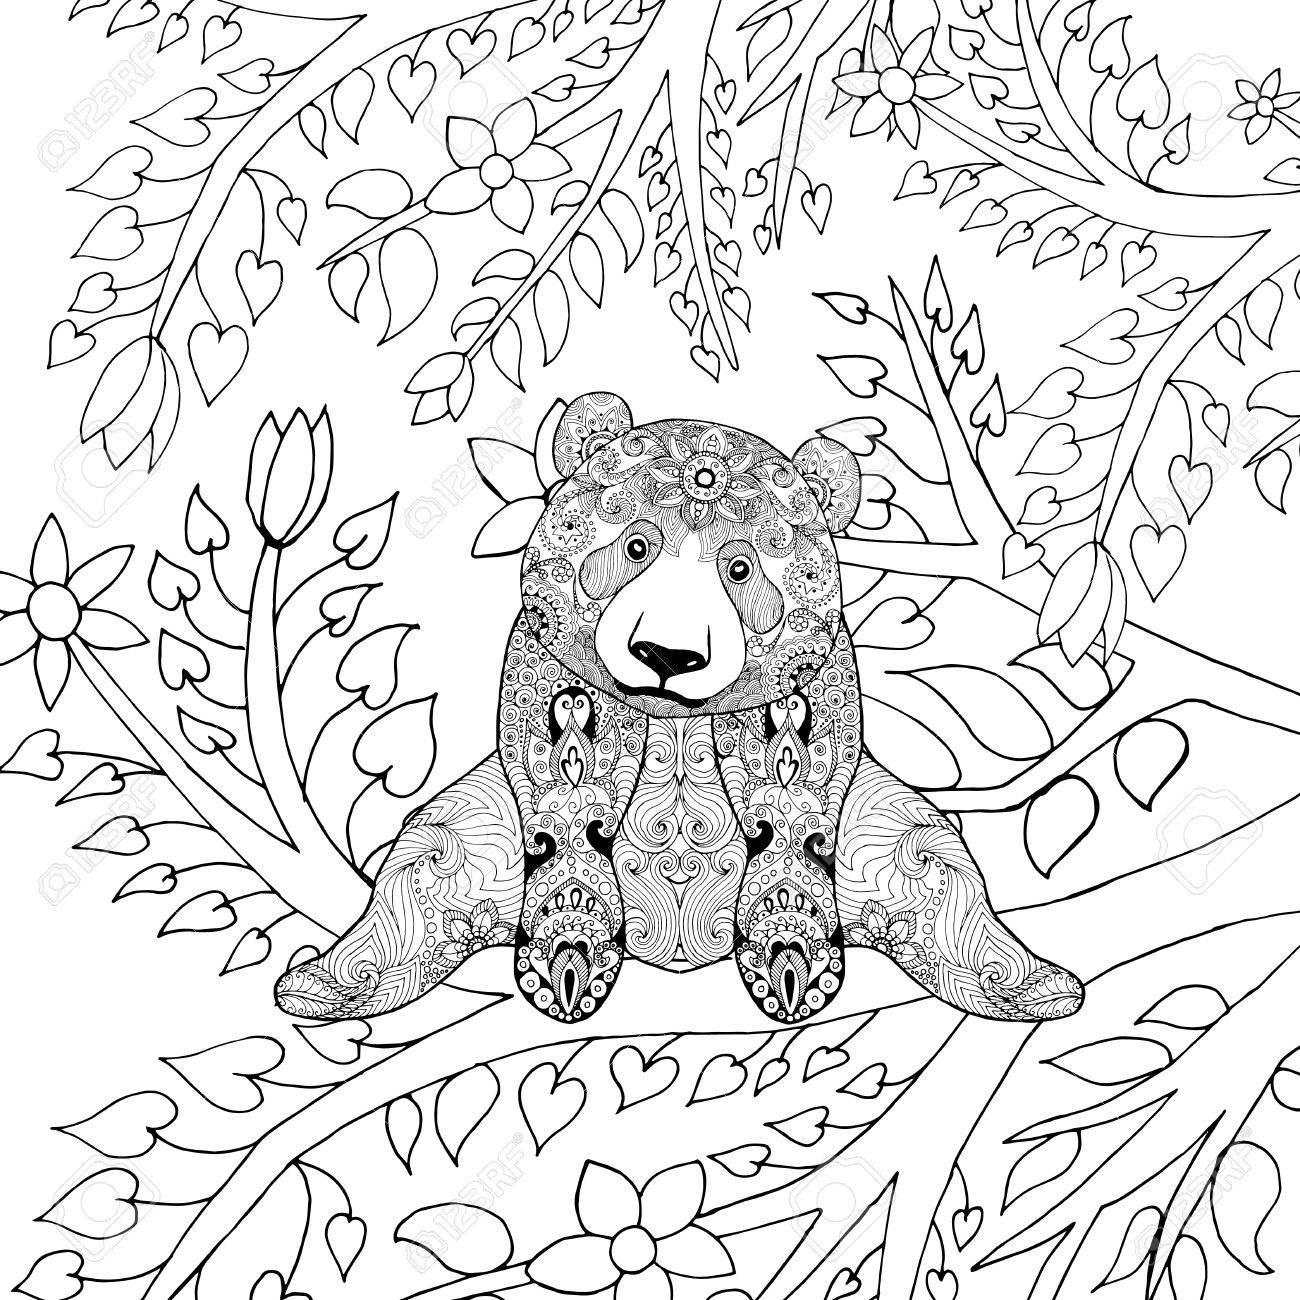 Niedlicher Panda-Bär Auf Den Ästen. Schwarz-weiße Hand Doodle Tier ...